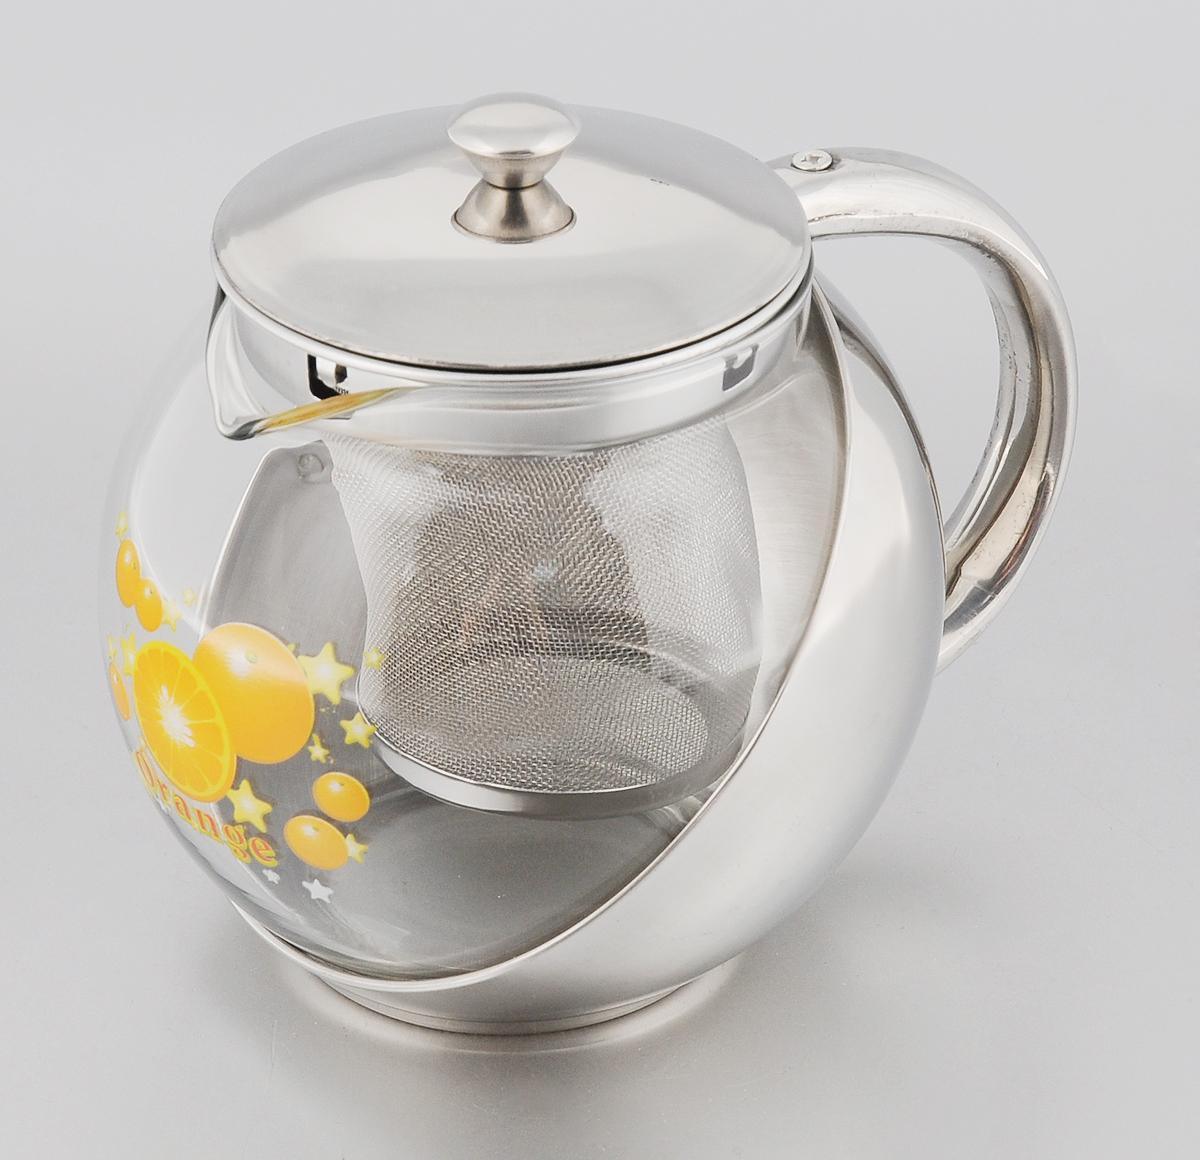 Чайник заварочный Mayer & Boch Orange, 700 мл115510Заварочный чайник Mayer & Boch Orange позволит быстро и просто приготовить свежий и ароматный чай или кофе. Съемный фильтр из нержавеющей стали поможет приготовить чистый напиток без частиц заварки, а прозрачные стенки стеклянной колбы позволят наблюдать за приготовлением напитка. Изящный и современный стиль чайника прекрасно подчеркнет декор любой кухни. Диаметр (по верхнему краю): 8 см. Высота: 11 см.